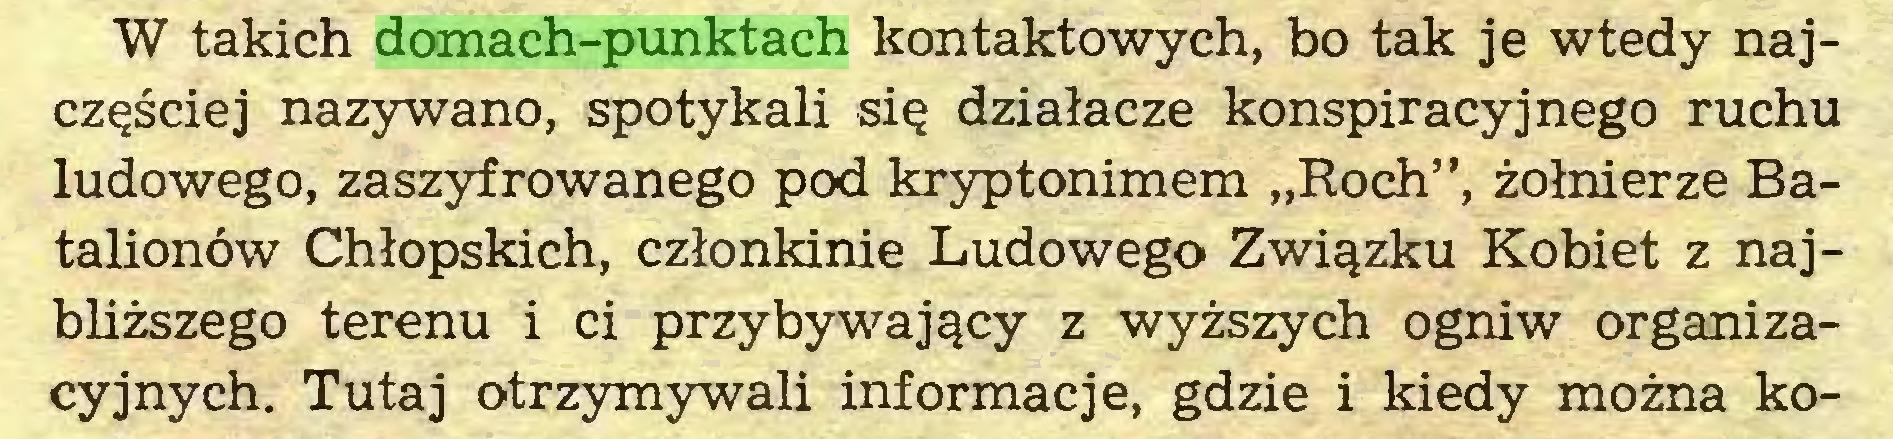 """(...) W takich domach-punktach kontaktowych, bo tak je wtedy najczęściej nazywano, spotykali się działacze konspiracyjnego ruchu ludowego, zaszyfrowanego pod kryptonimem """"Roch"""", żołnierze Batalionów Chłopskich, członkinie Ludowego Związku Kobiet z najbliższego terenu i ci przybywający z wyższych ogniw organizacyjnych. Tutaj otrzymywali informacje, gdzie i kiedy można ko..."""